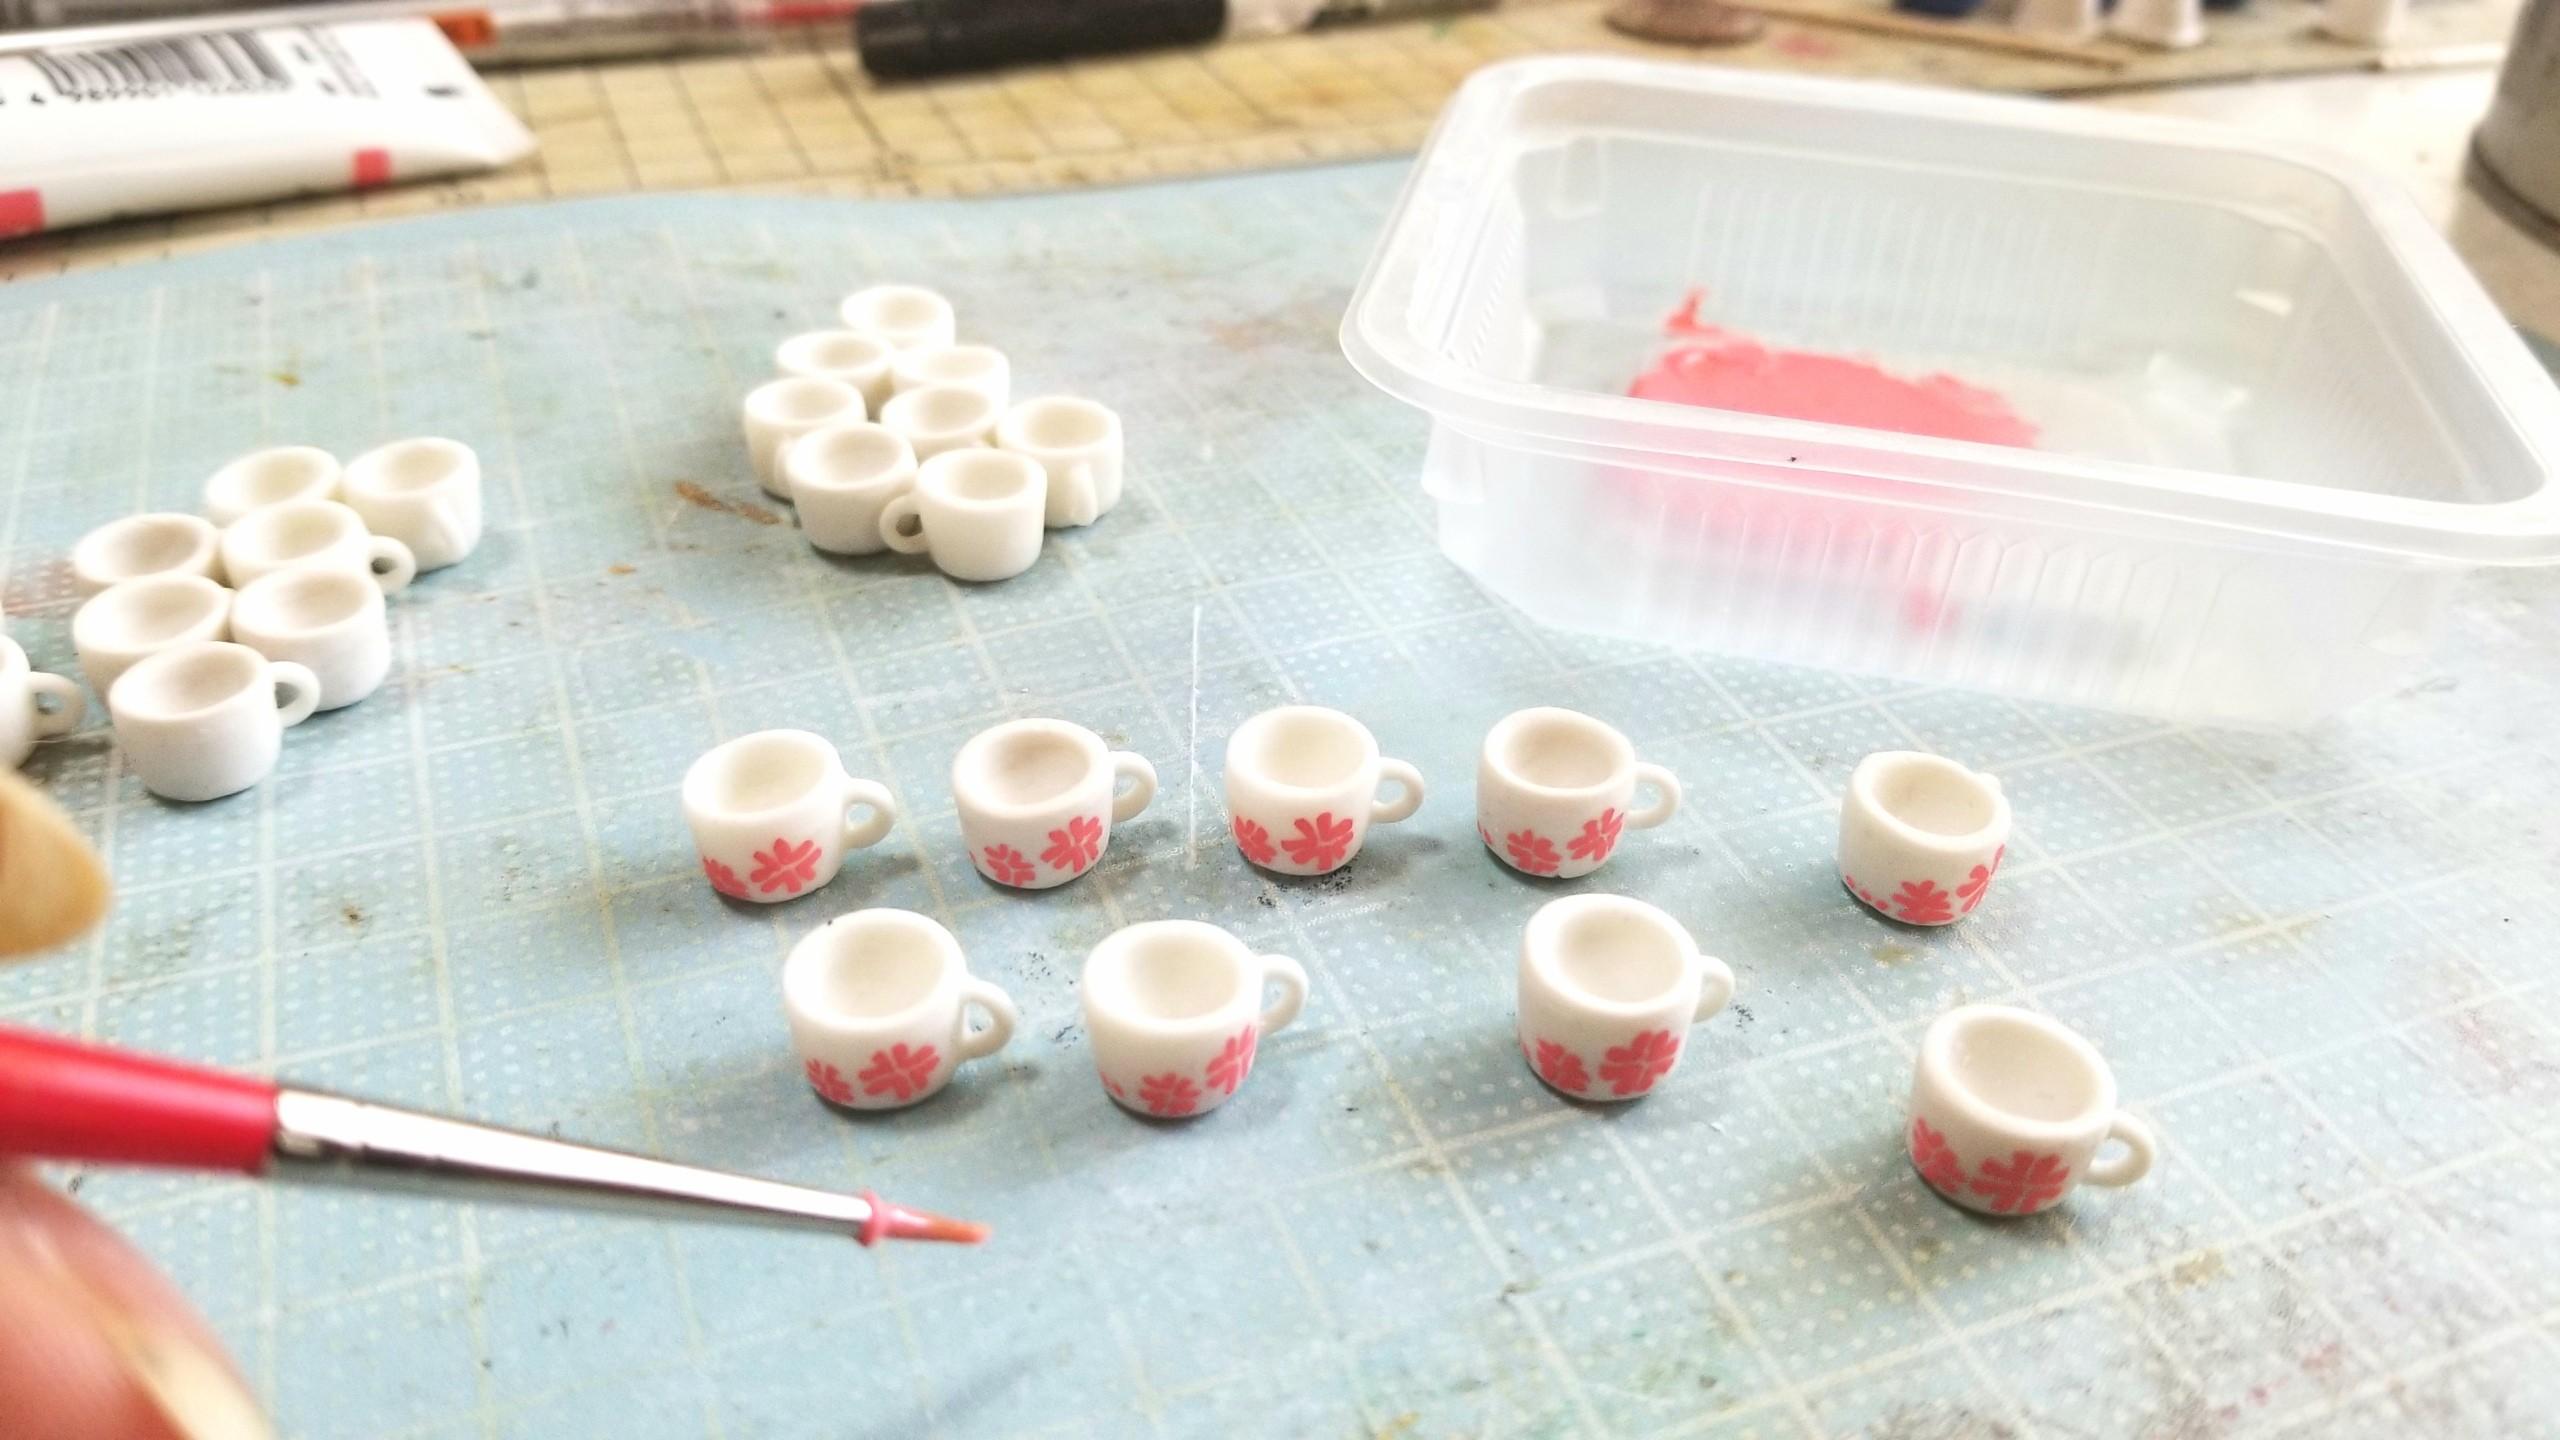 ラブティーカップ,作り方,ミニチュア,樹脂粘土,ドール,人形,ペイント